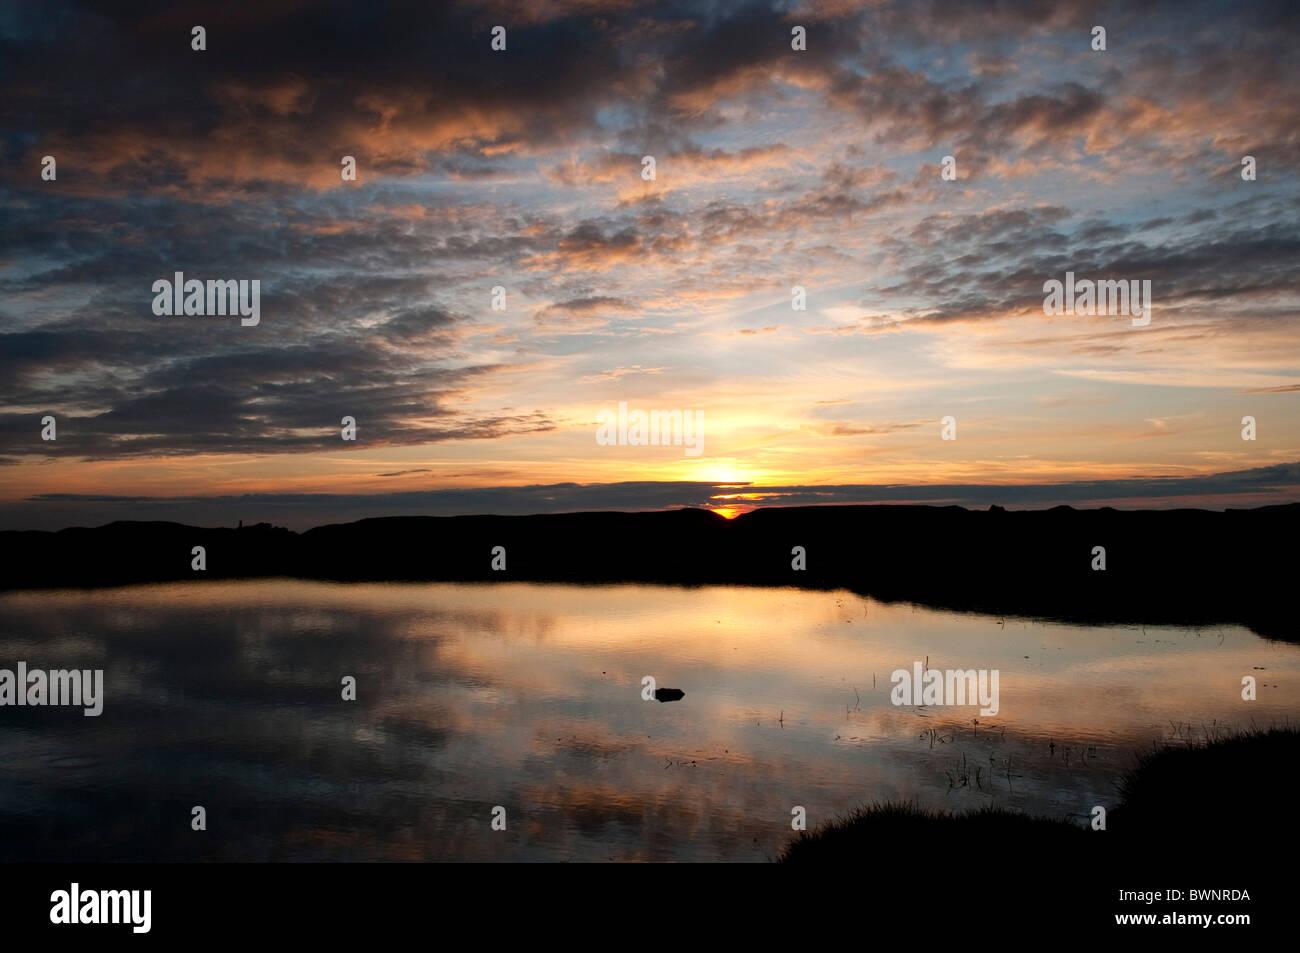 Reflexiones de la puesta de sol y nubes en el agua del estanque en Dartmoor Devon, Reino Unido Foto de stock